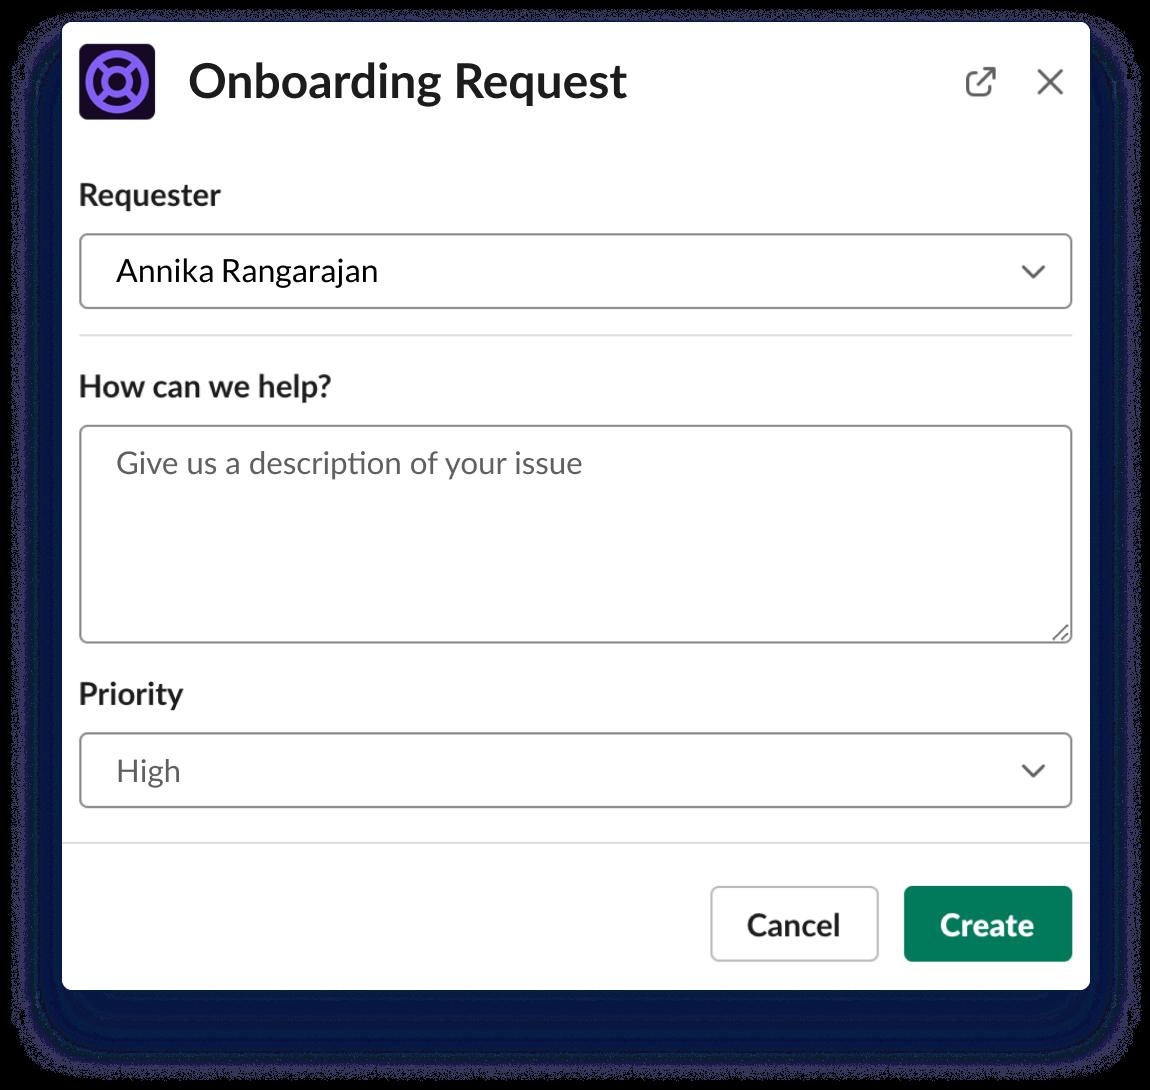 Снимок экрана: запрос на адаптацию нового сотрудника